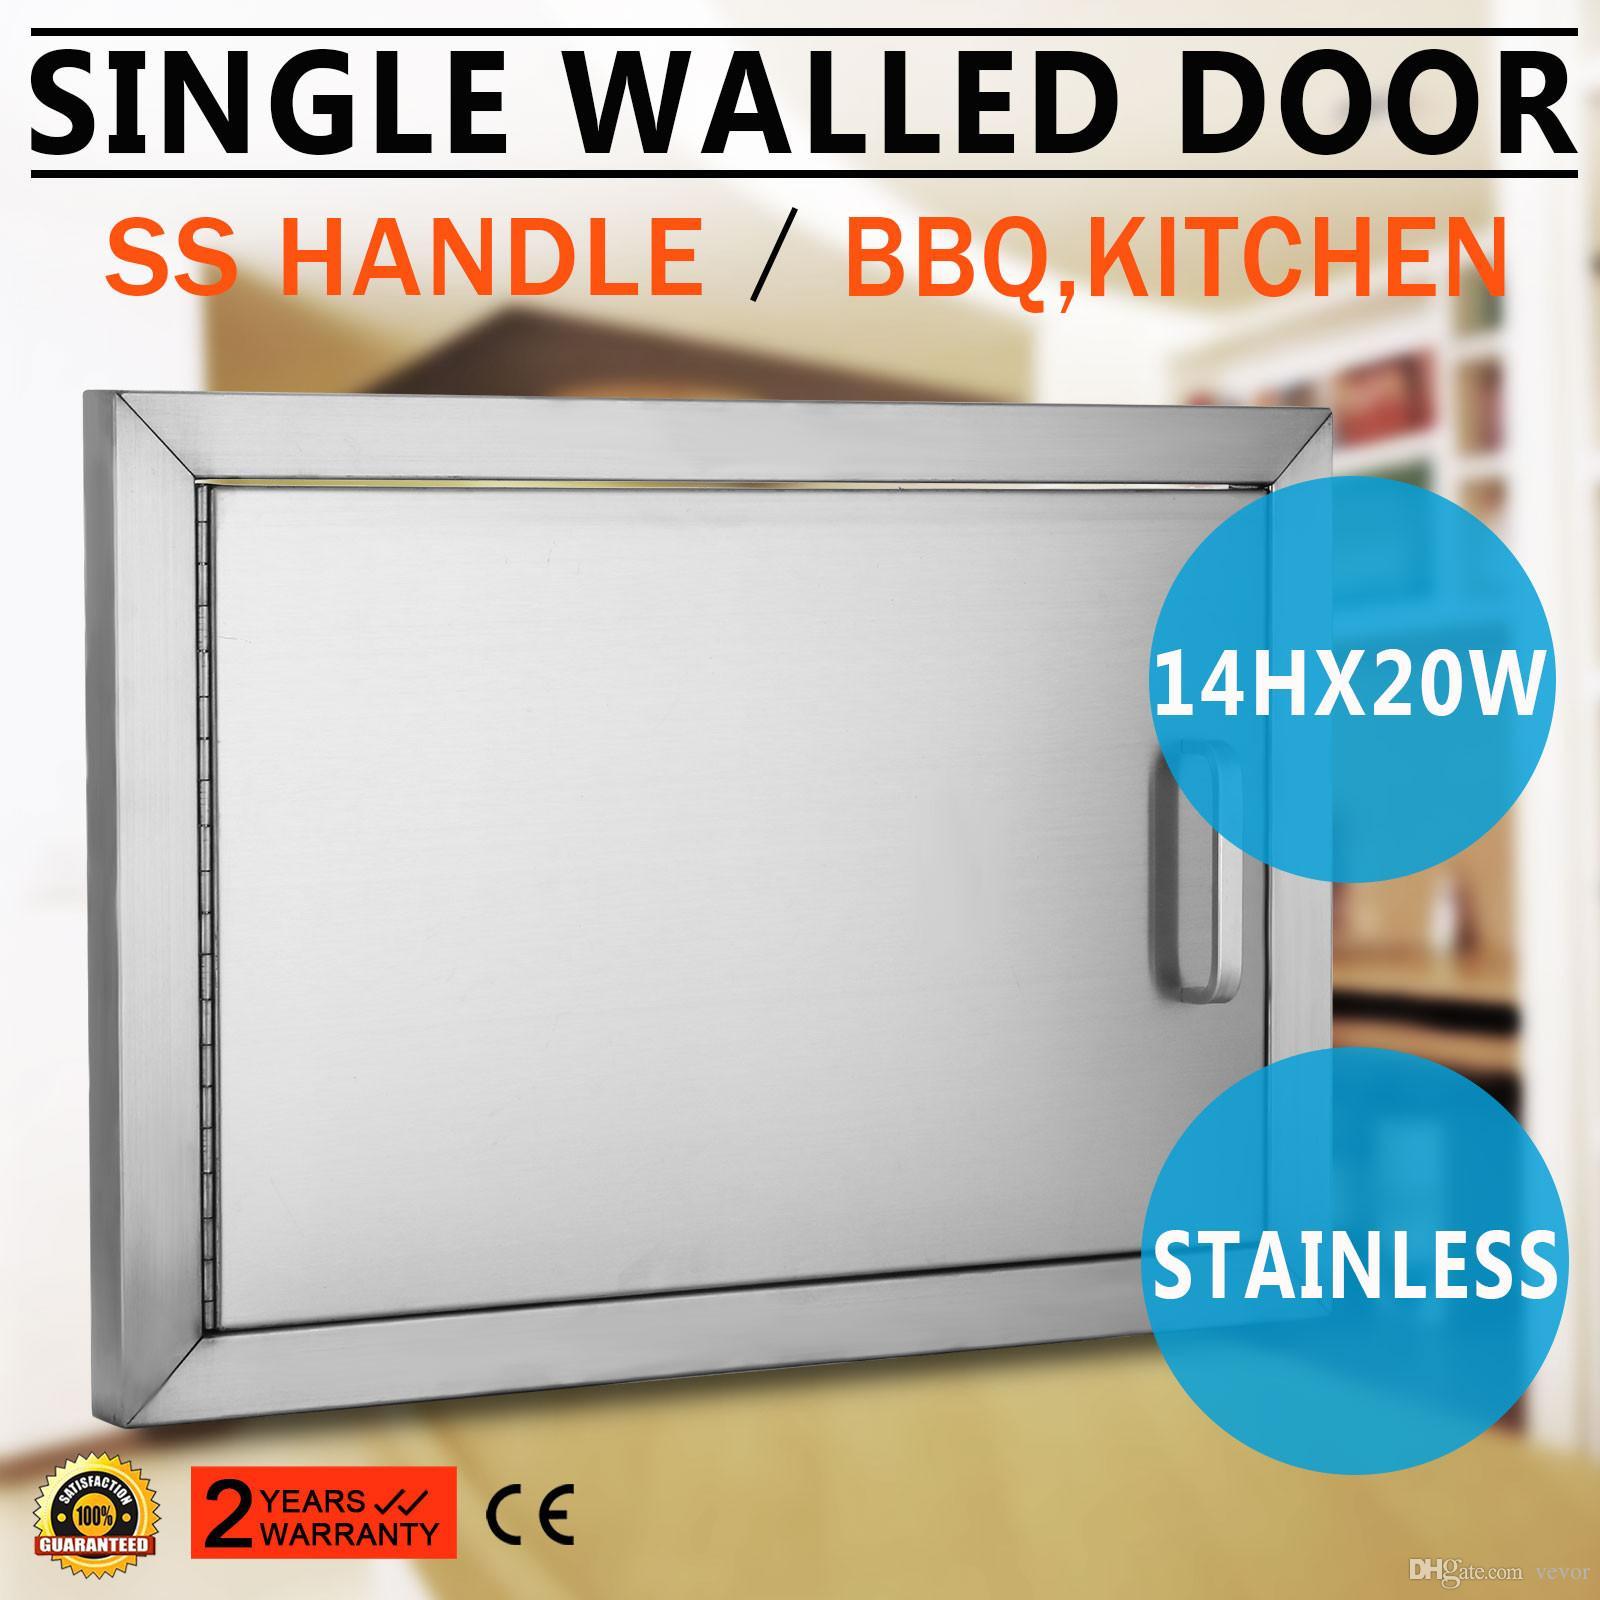 2018 Bbq Doors 20\WX 14\H Stainless Steel Access Door Horizontal Single Door With Combo Door Handle From Vevor $110.56 | Dhgate.Com  sc 1 st  DHgate.com & 2018 Bbq Doors 20\WX 14\H Stainless Steel Access Door Horizontal ...